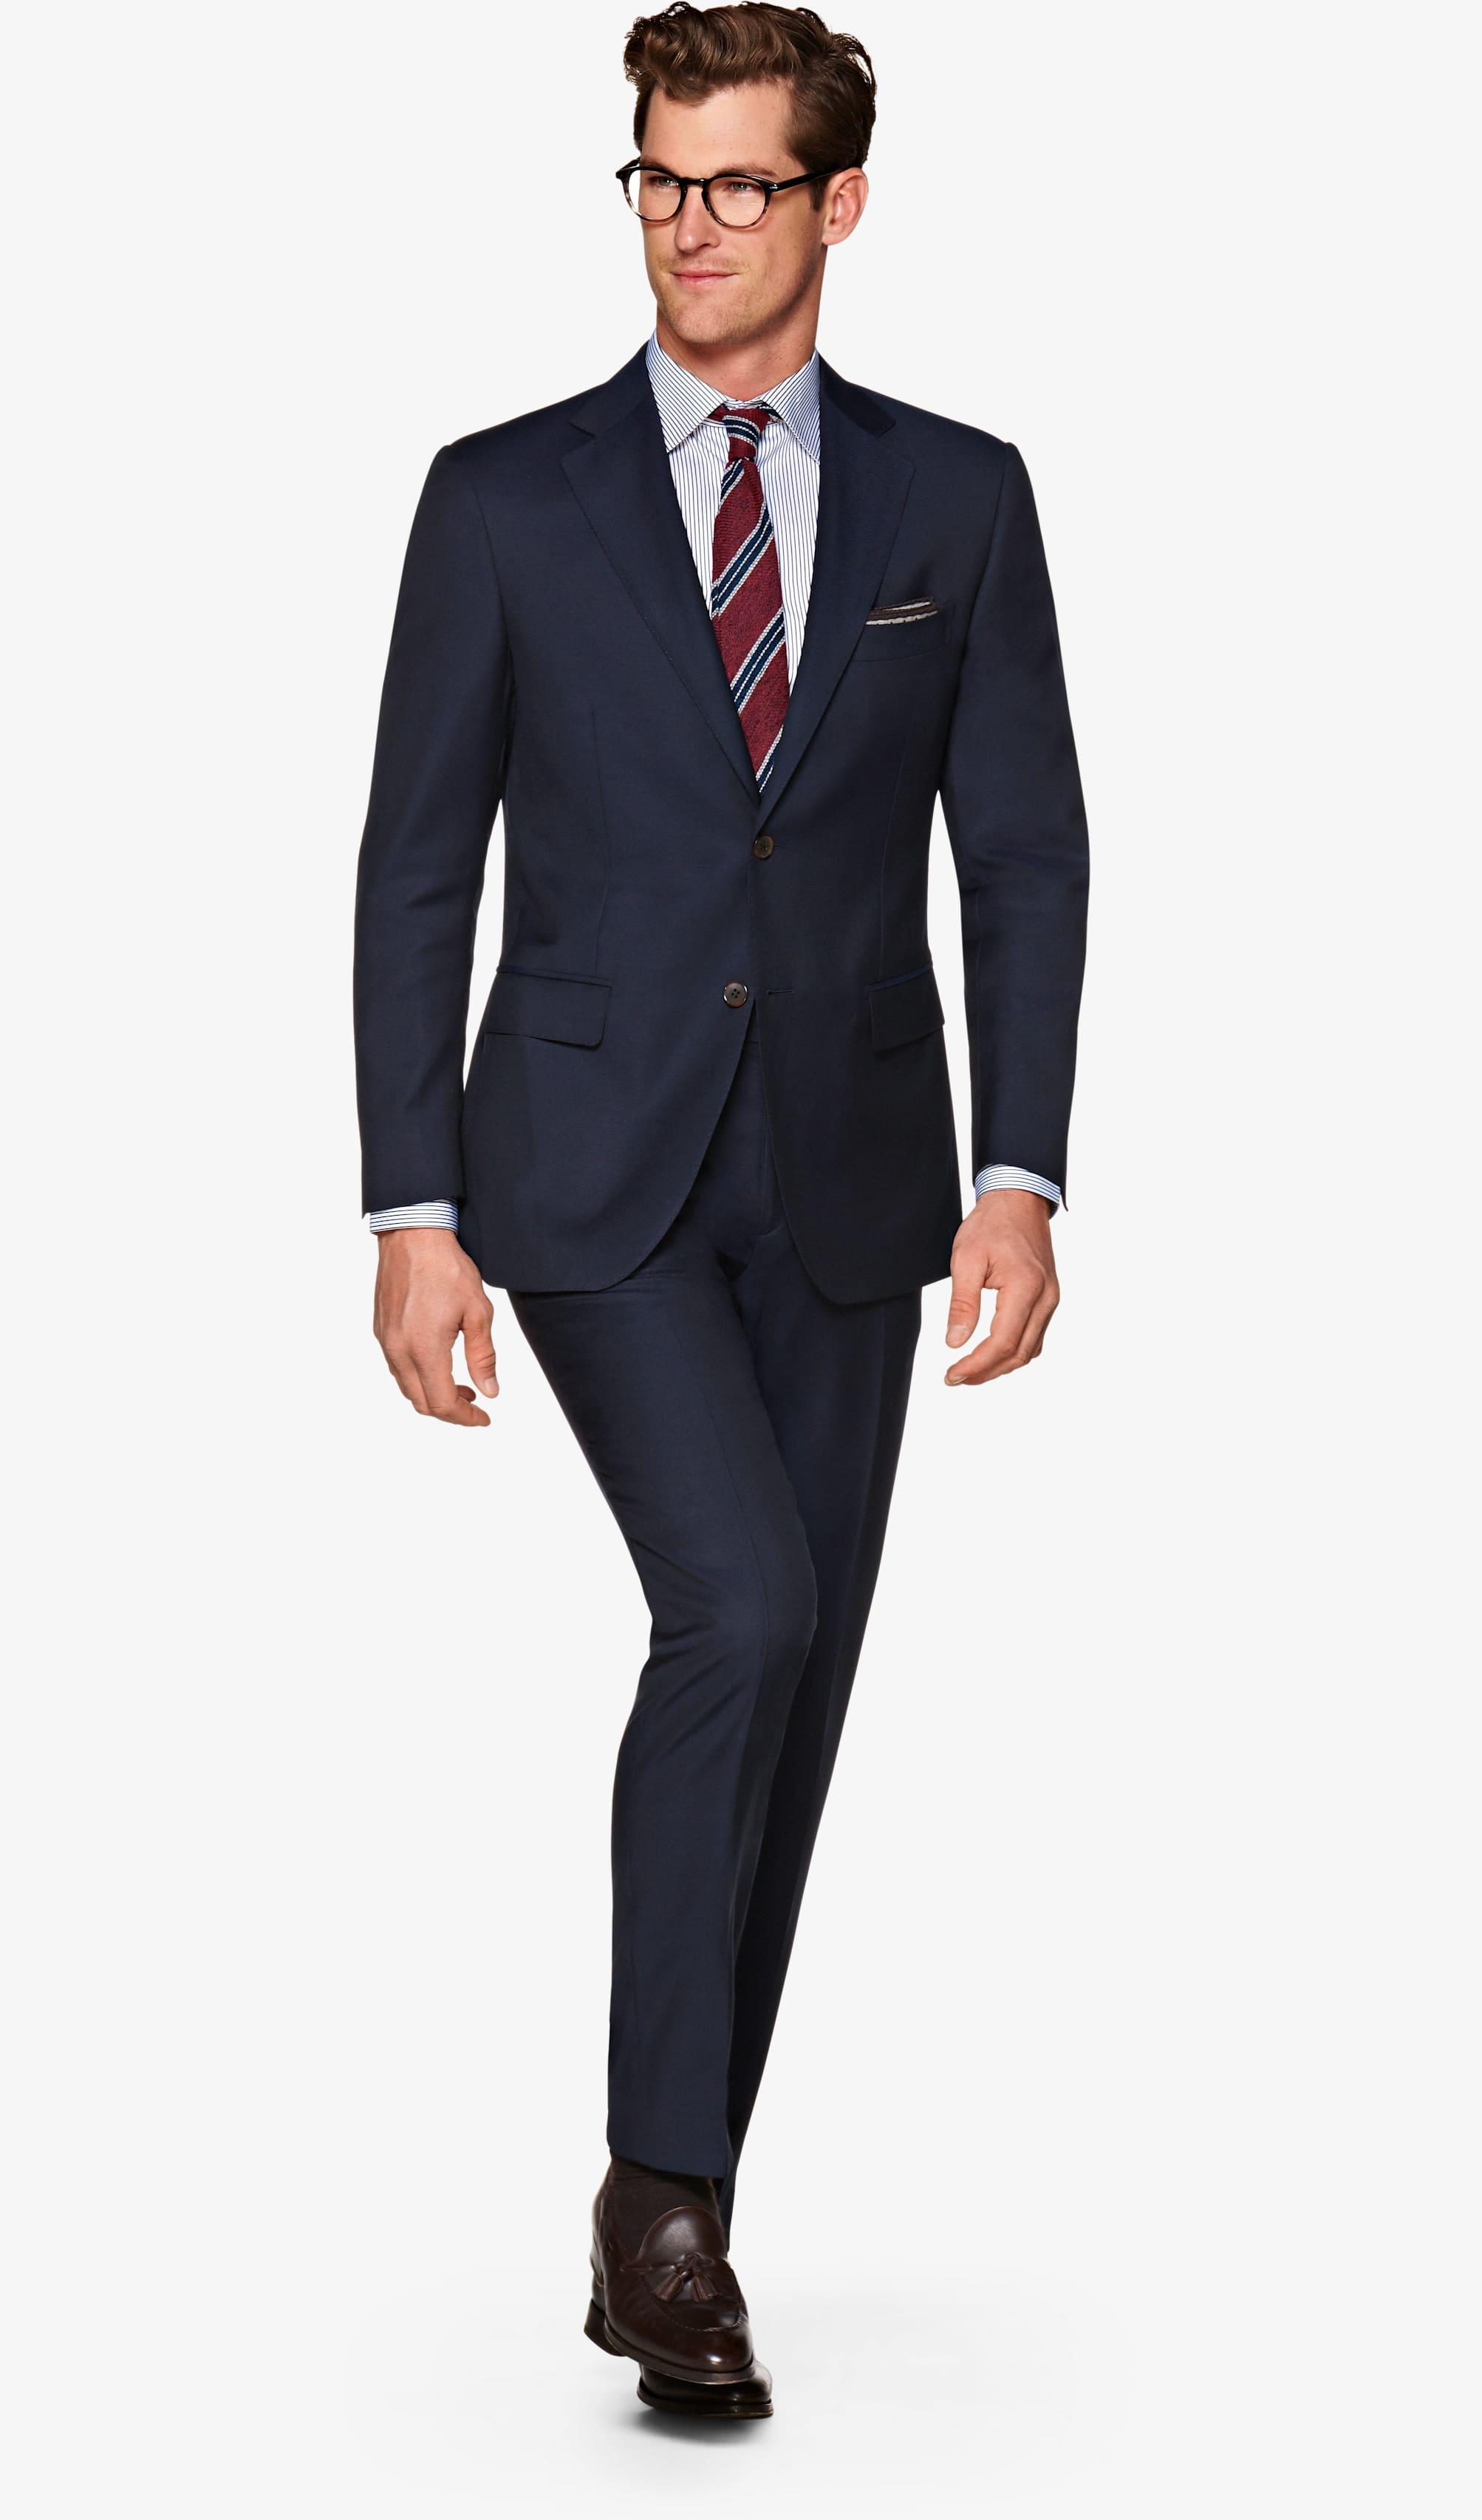 Suit_Navy_Plain_Lazio_P5538I